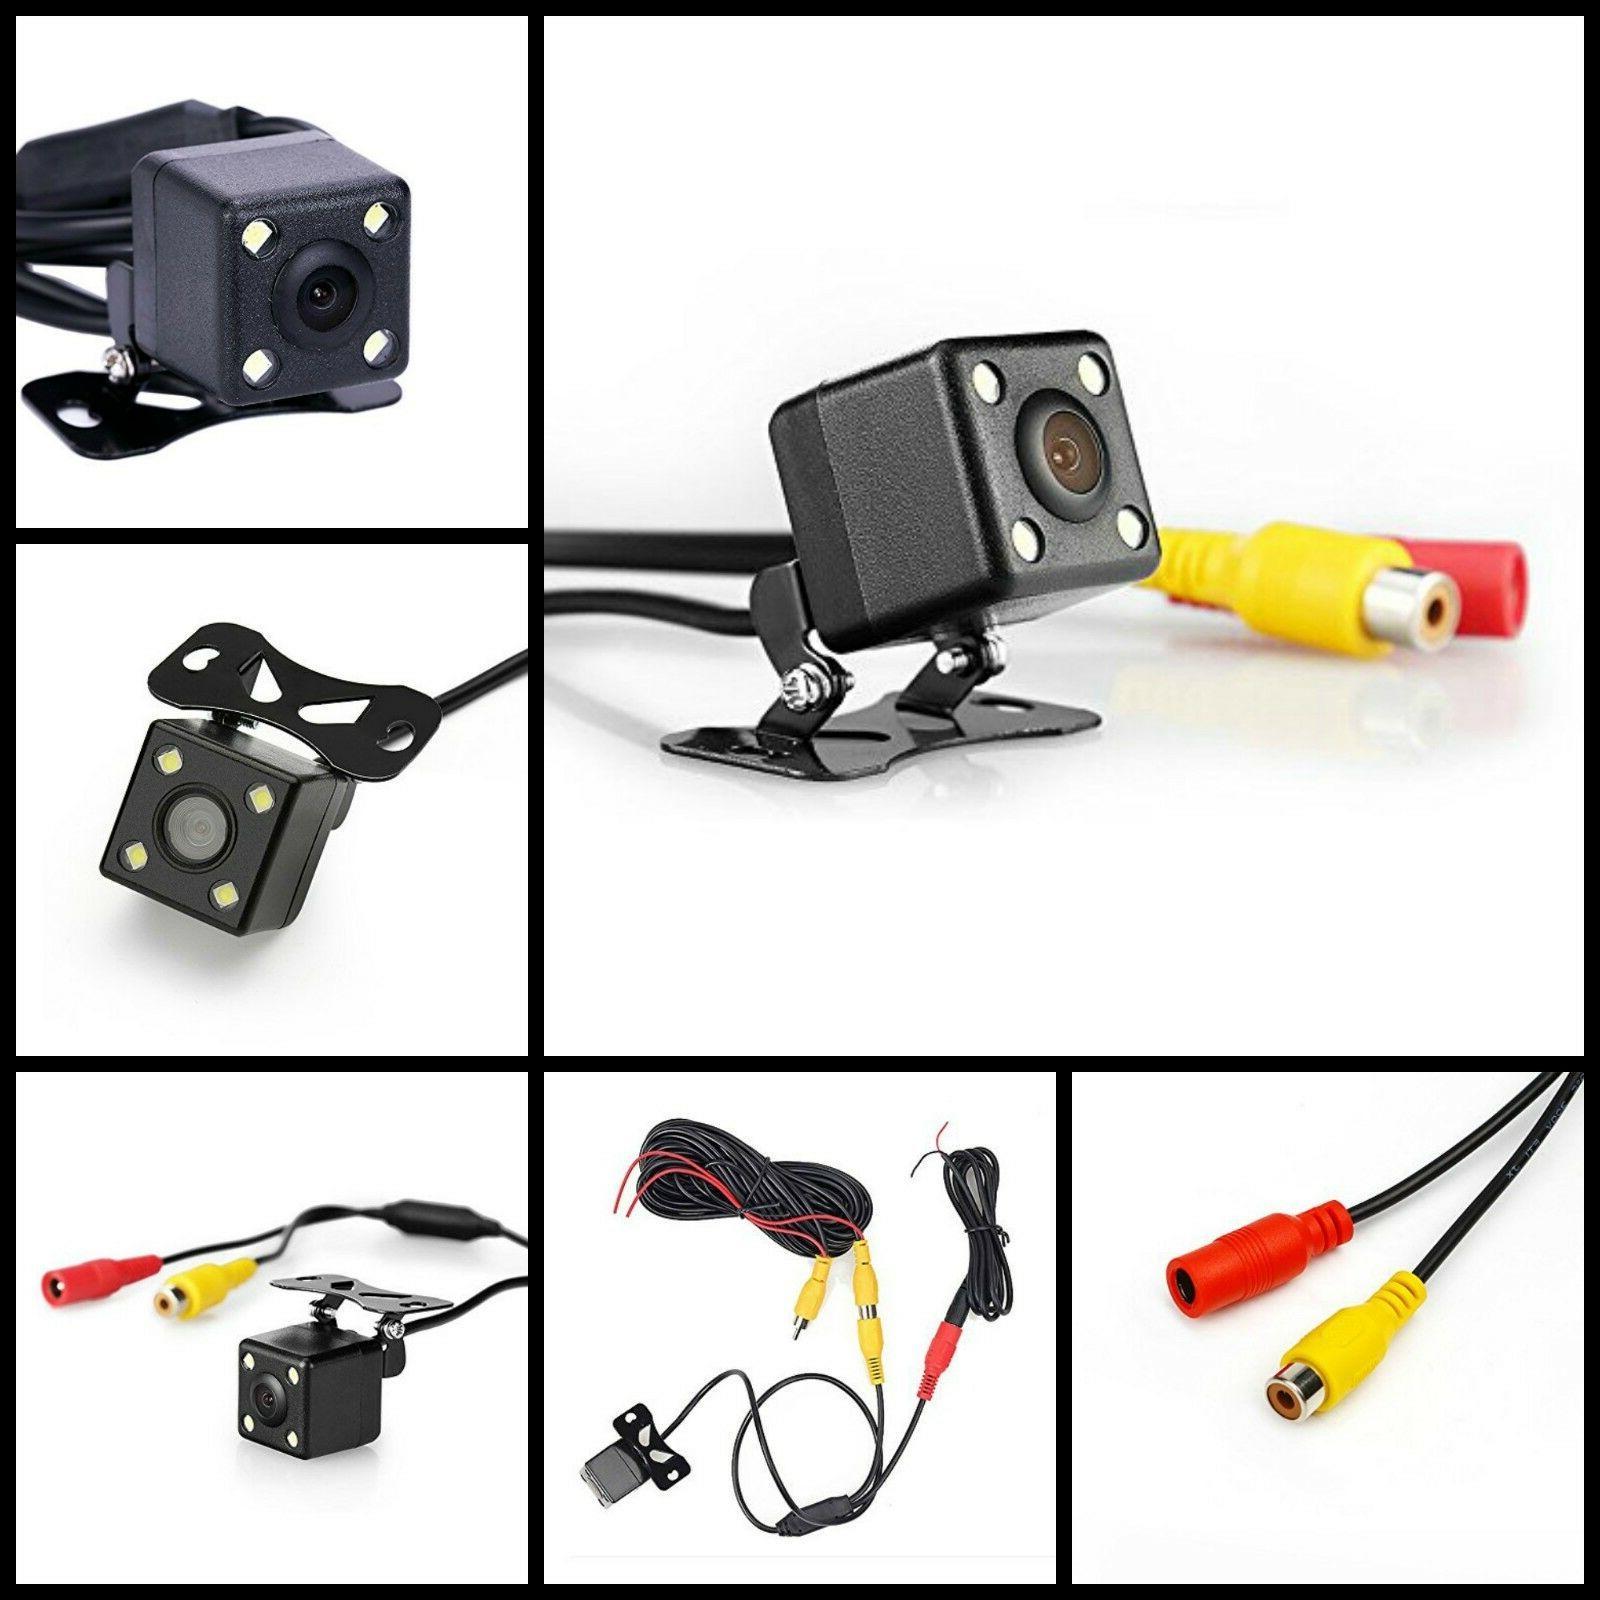 Universal Vehicle Night Vision Backup Camera Car Rear View 1